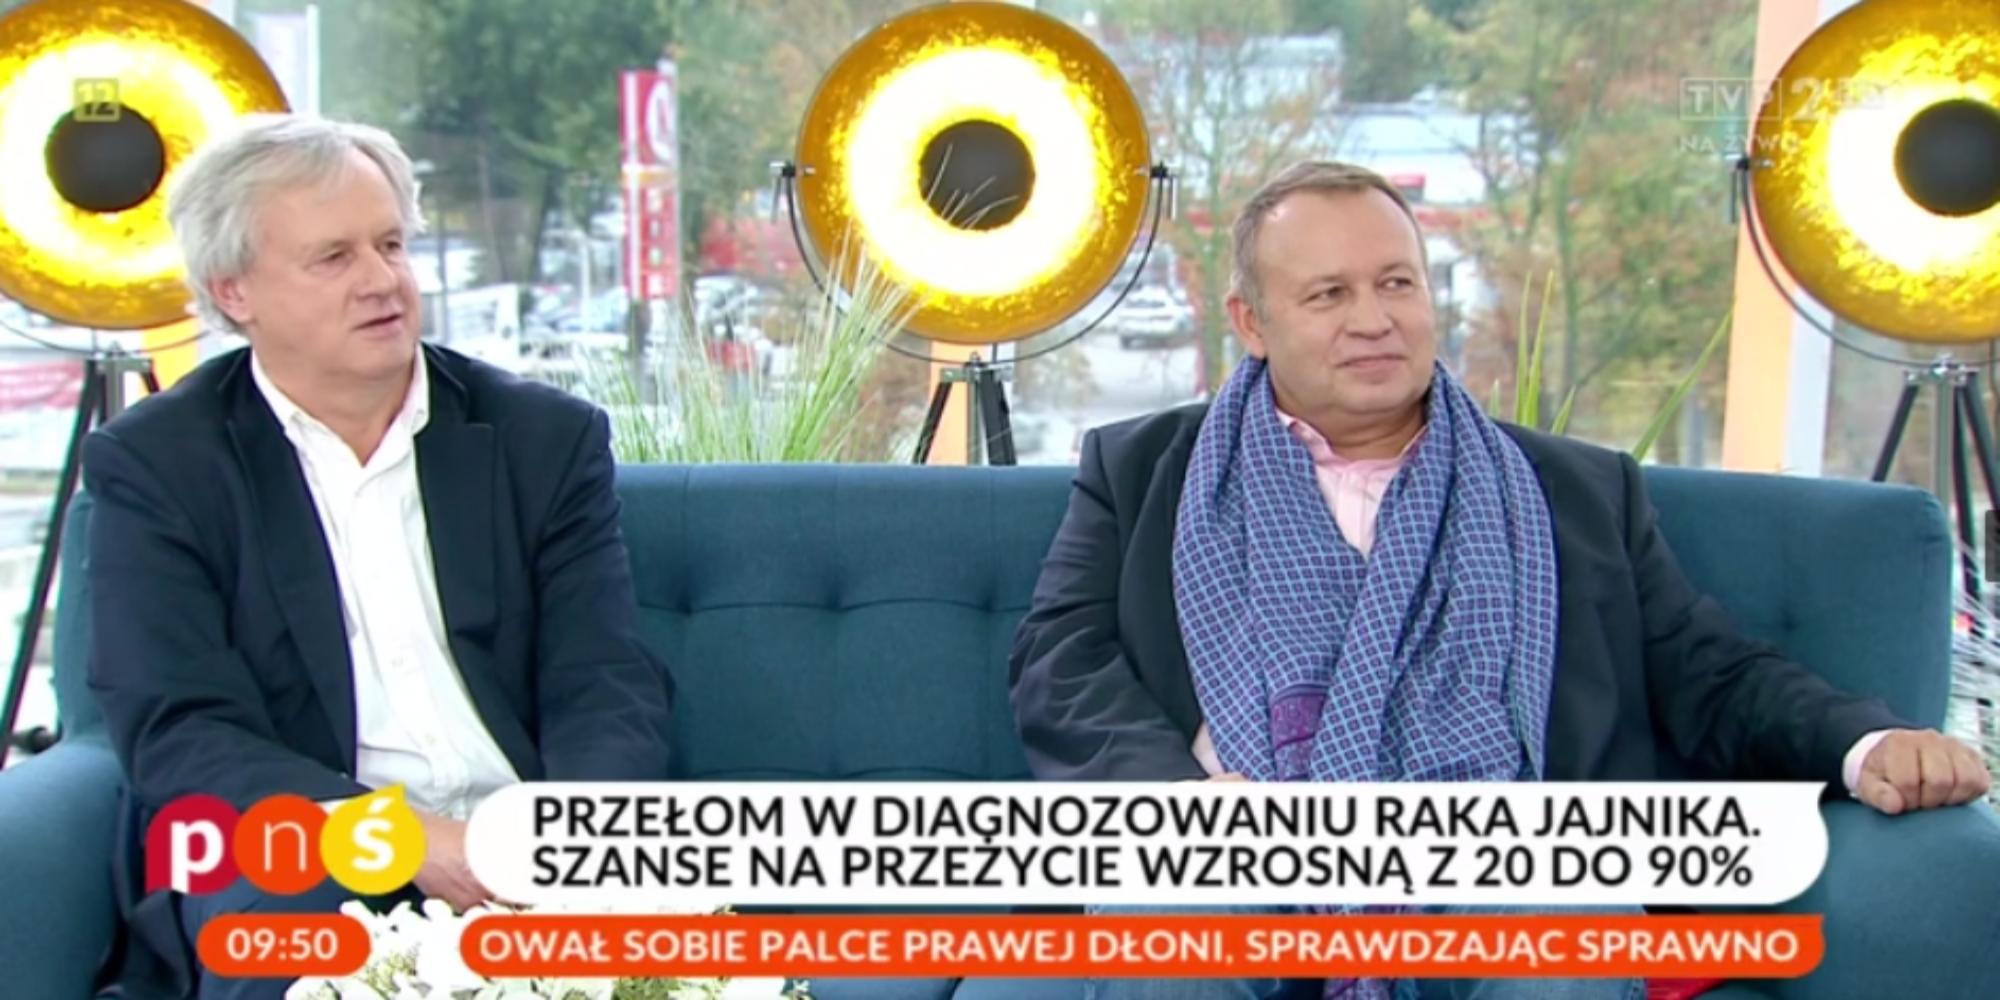 Pytanie Na Śniadanie Znany Lekarz Ginekolog Warszawa Beata Sterlińska Jacek Tulimowski